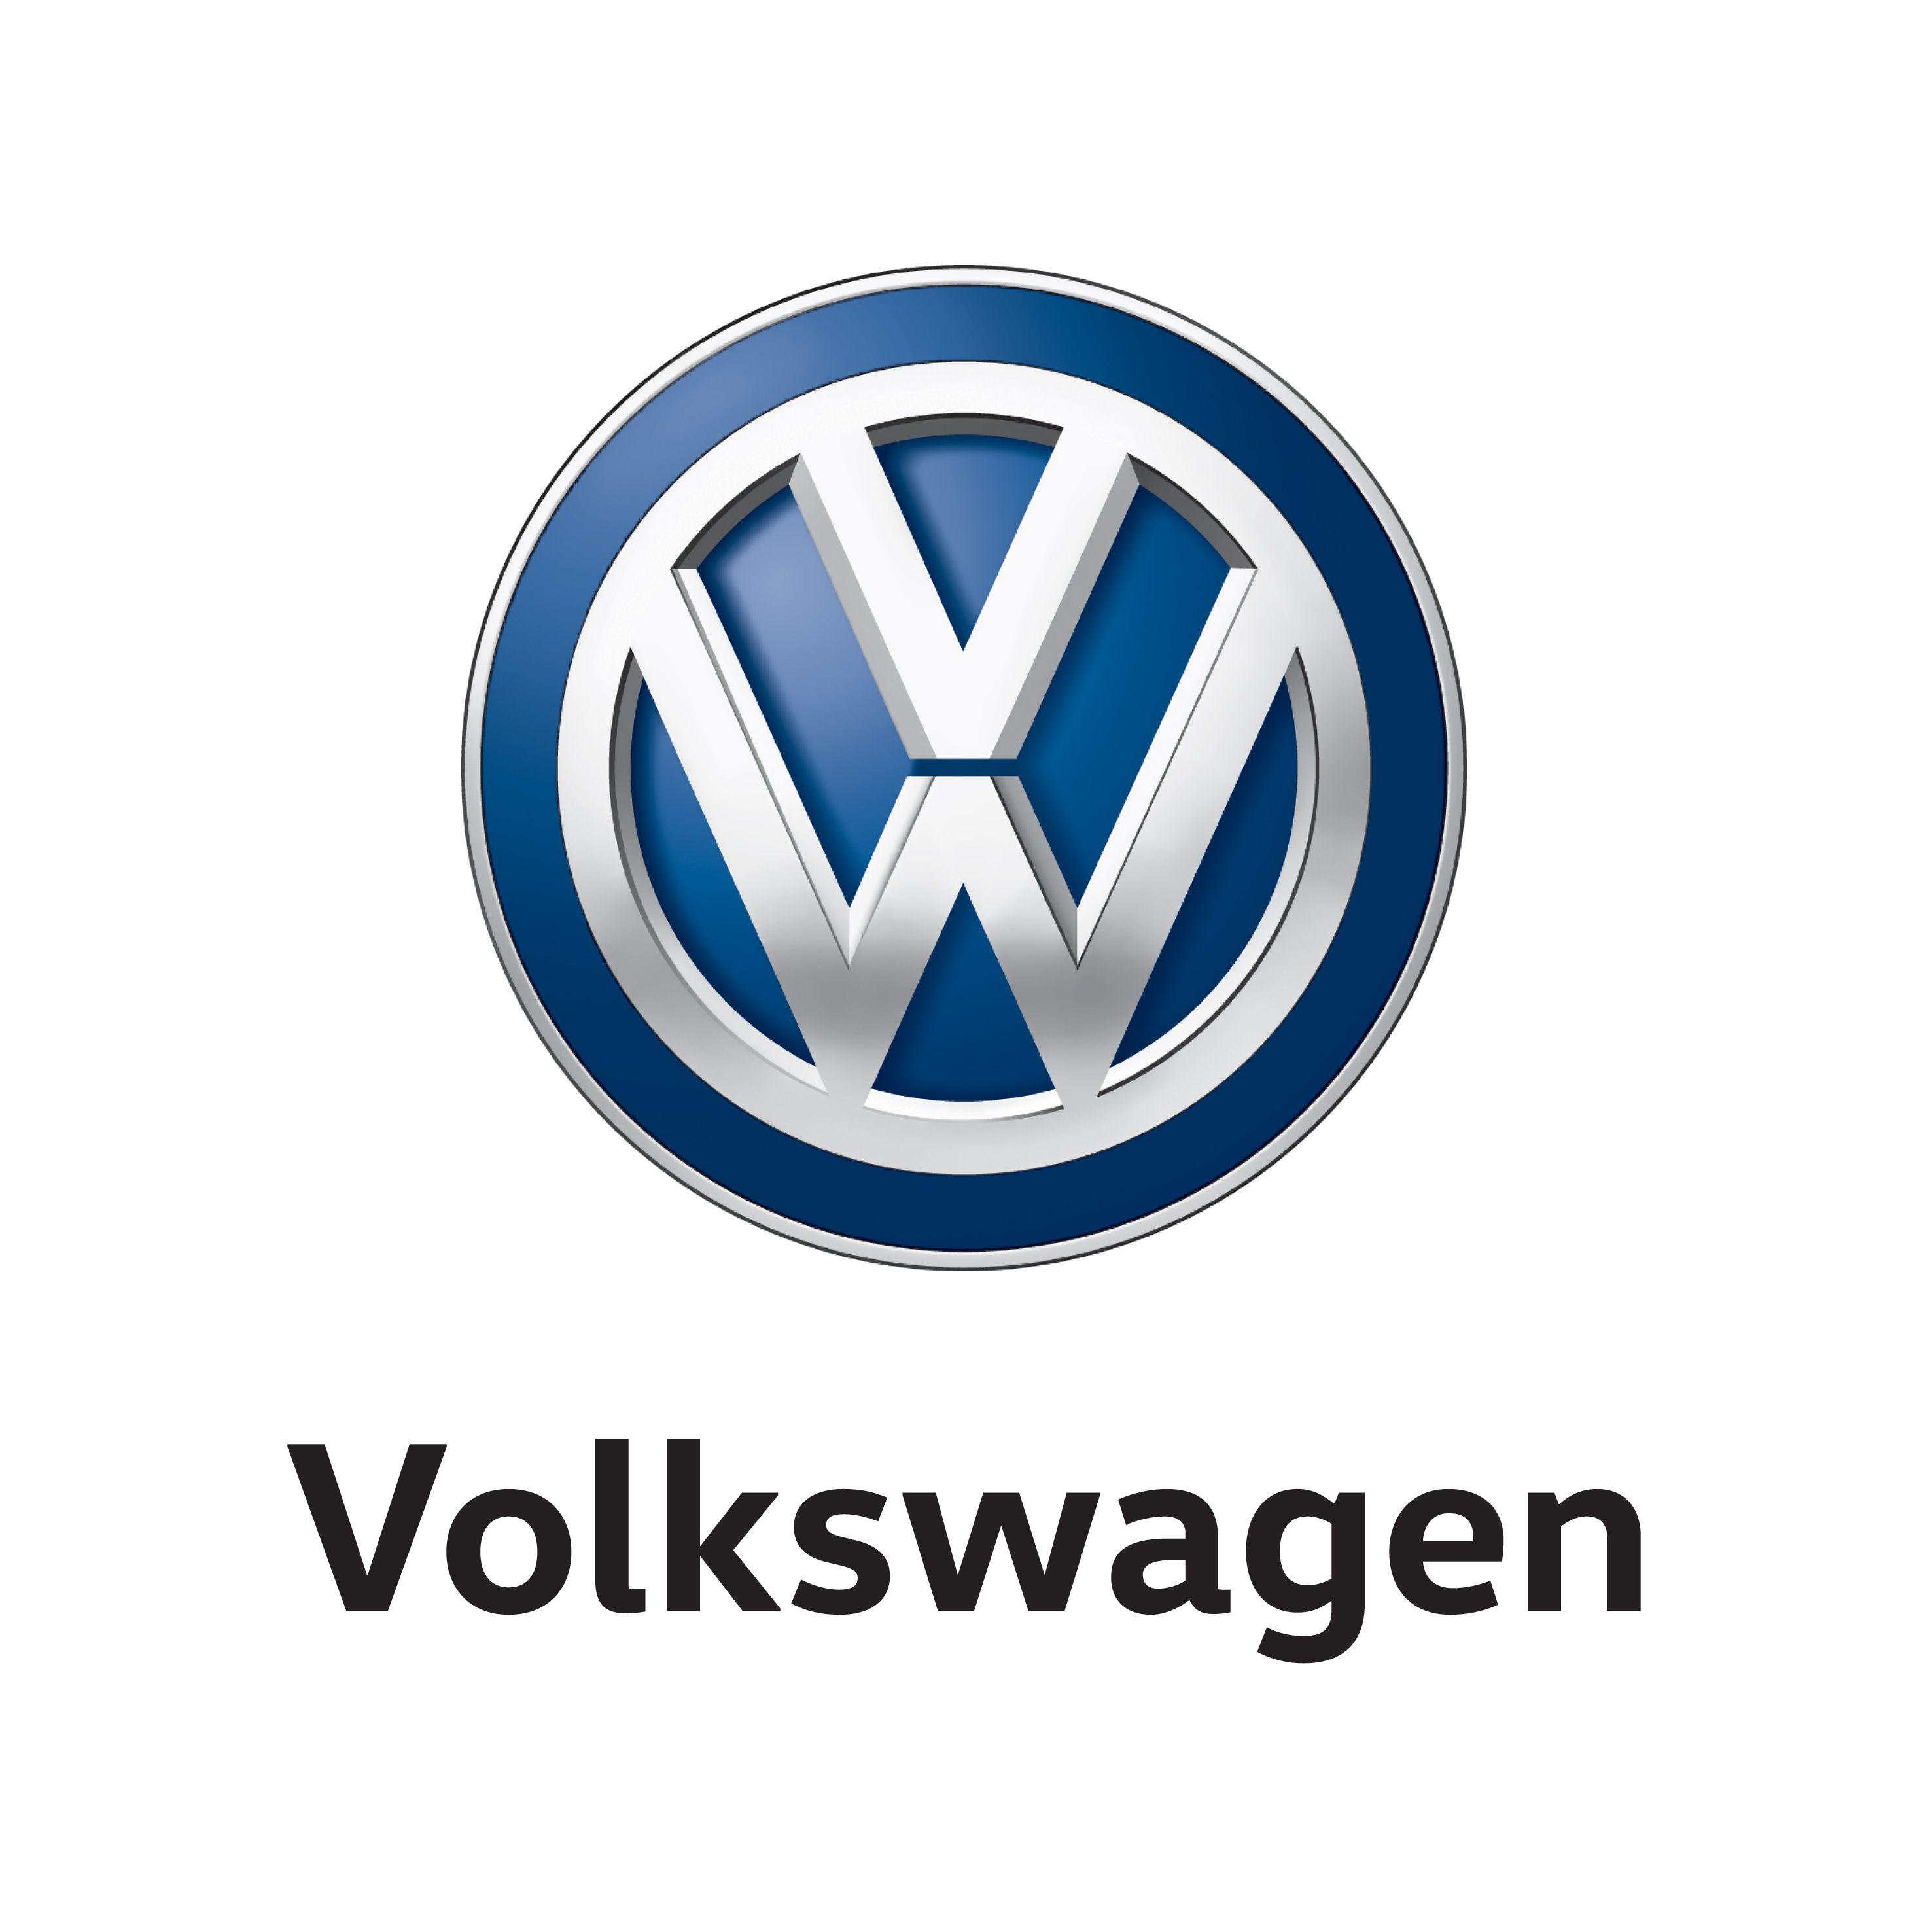 Volkswagen Plans To Amp Up Its Electric Line Volkswagen